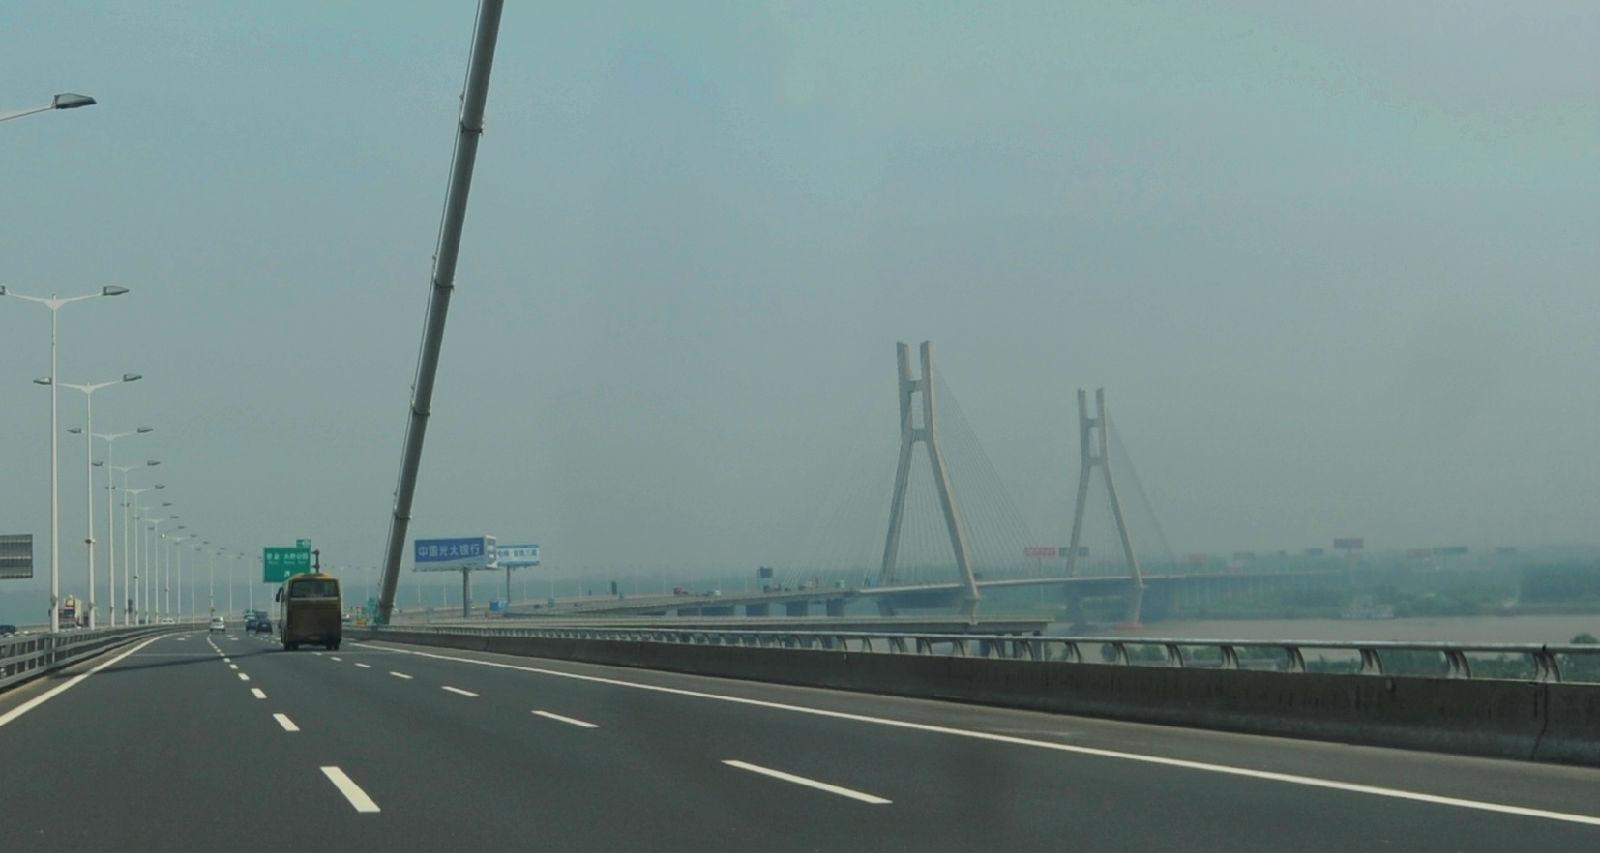 宏村、西昌、扬州、合肥、南京、黄山、常州、镇江到云南旅游攻略图片